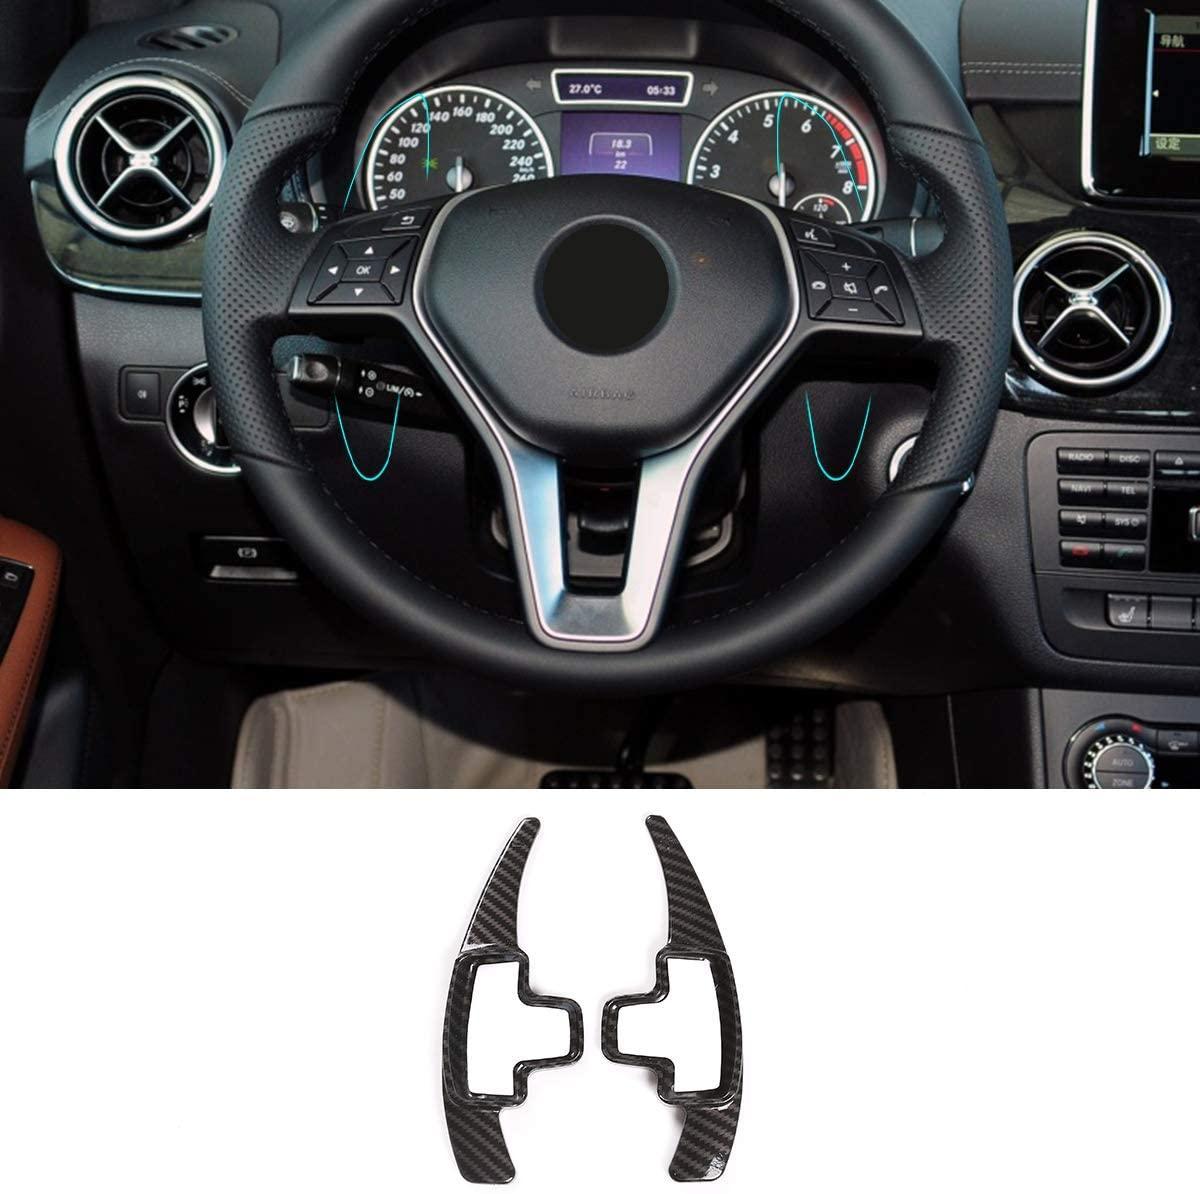 Strift de pagaie de volant pour Mercedes Benz A B E GLA GLK GL SLK R ML Classe, W176 W246 W212 x204 x166 (fibre de carbone)